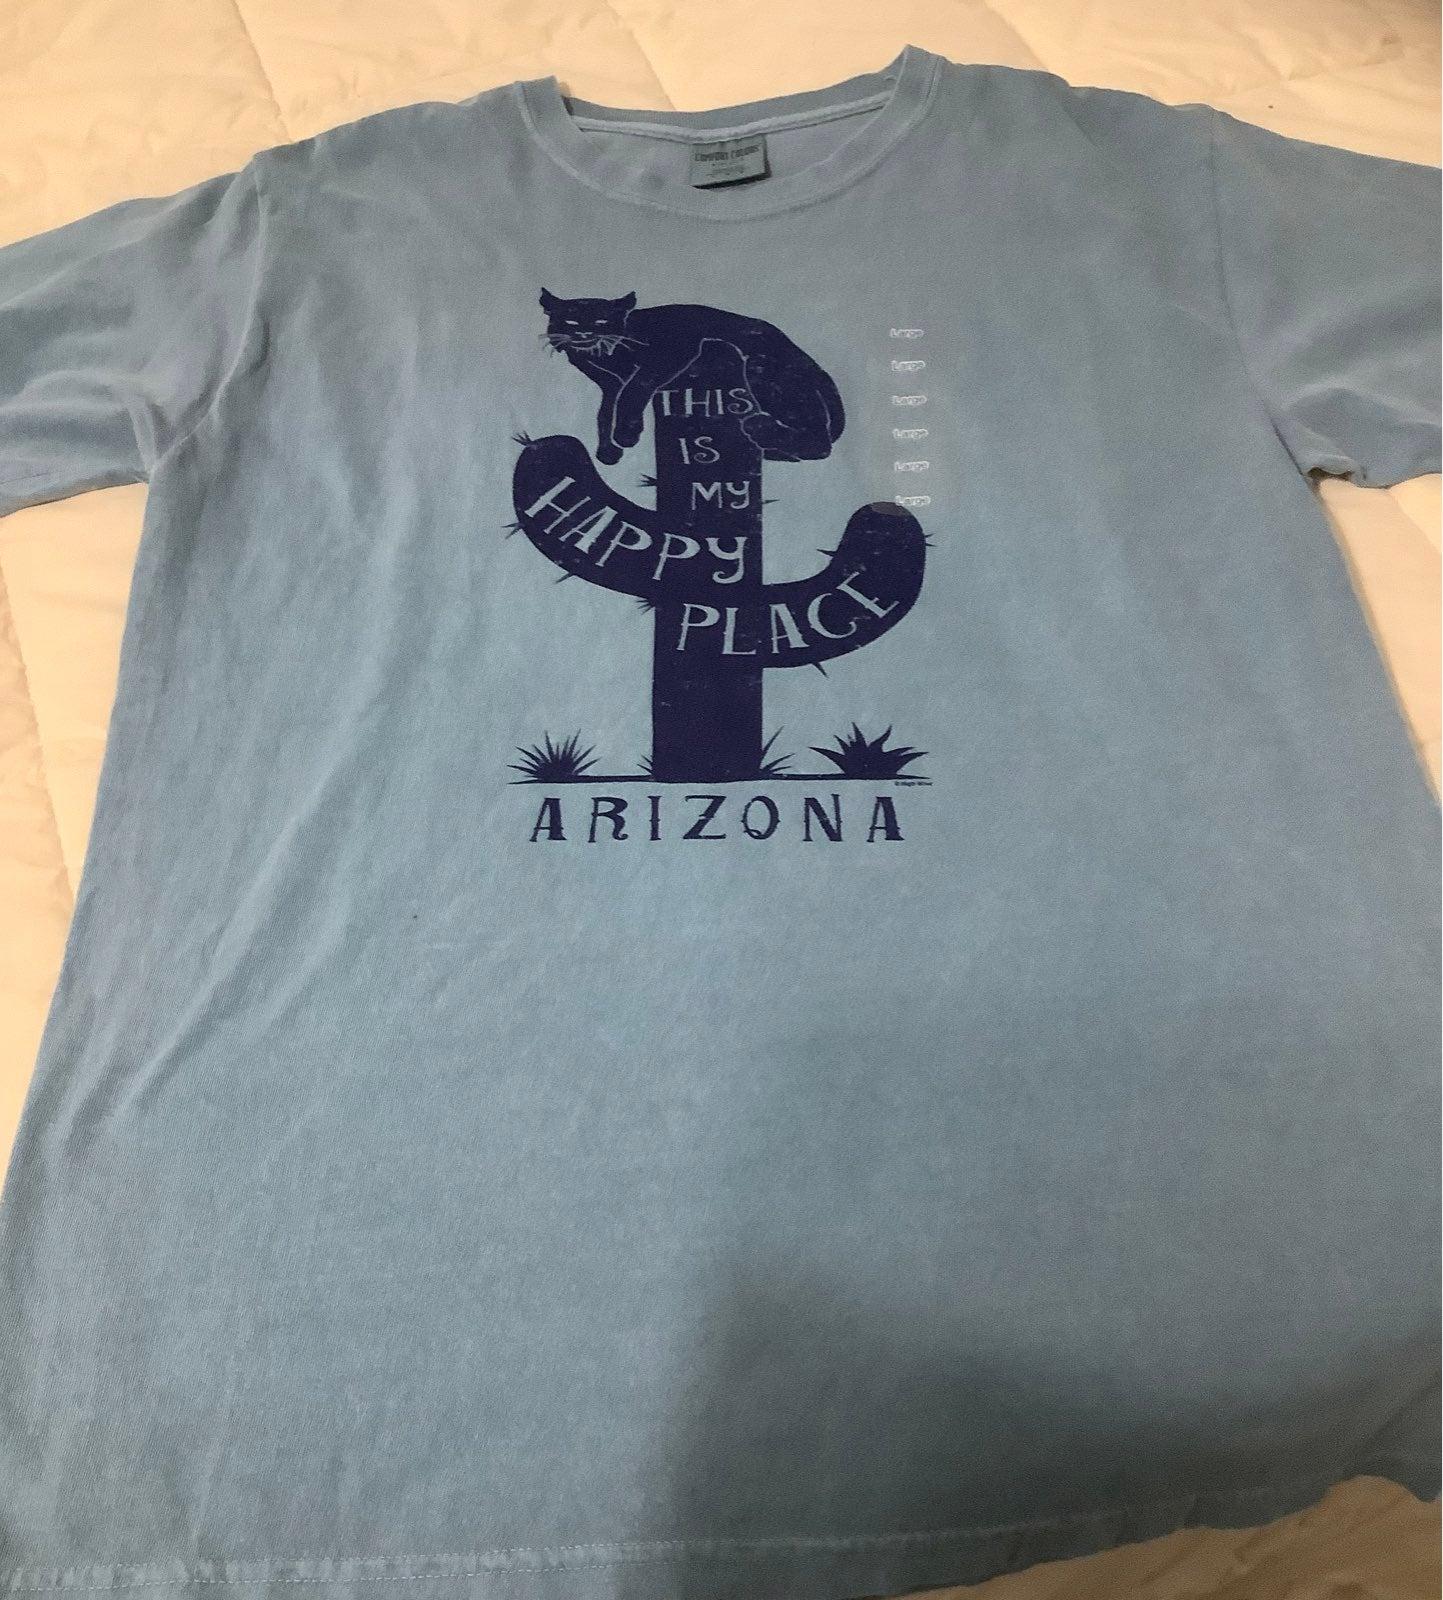 Arizona Teshirt